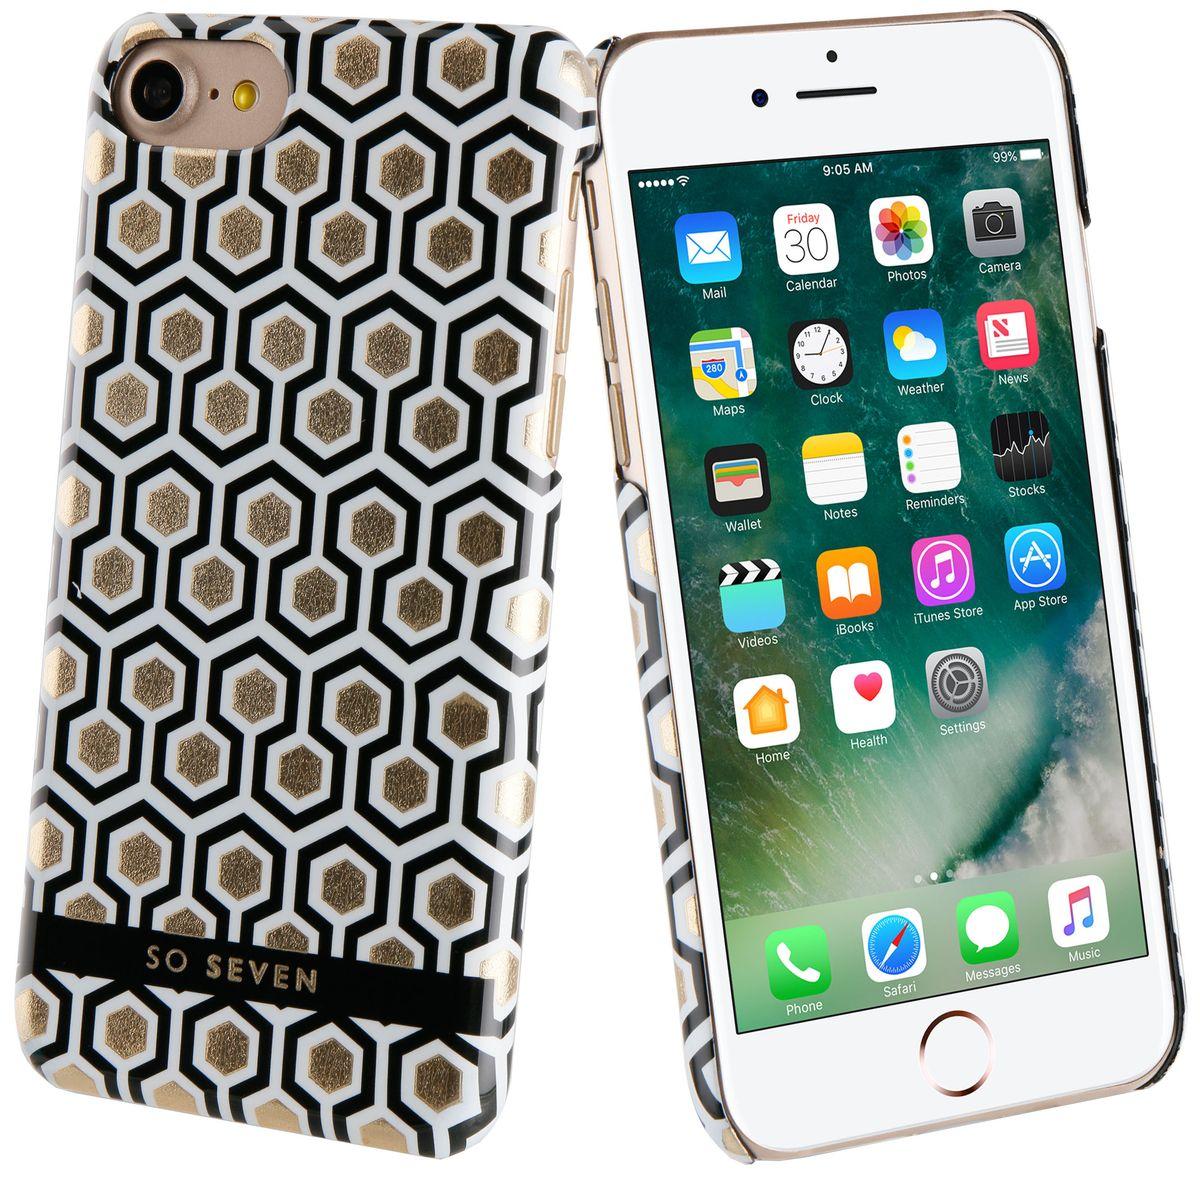 So Seven Midnight Hexagnale чехол для Apple iPhone 7/8SVNCSMN1IP7Чехол-накладка So Seven Midnight Hexagnale для Apple iPhone 7/8 обеспечивает надежную защиту корпуса смартфона от механических повреждений и надолго сохраняет его привлекательный внешний вид. Накладка выполнена из высококачественного материала, плотно прилегает и не скользит в руках. Чехол также обеспечивает свободный доступ ко всем разъемам и клавишам устройства.